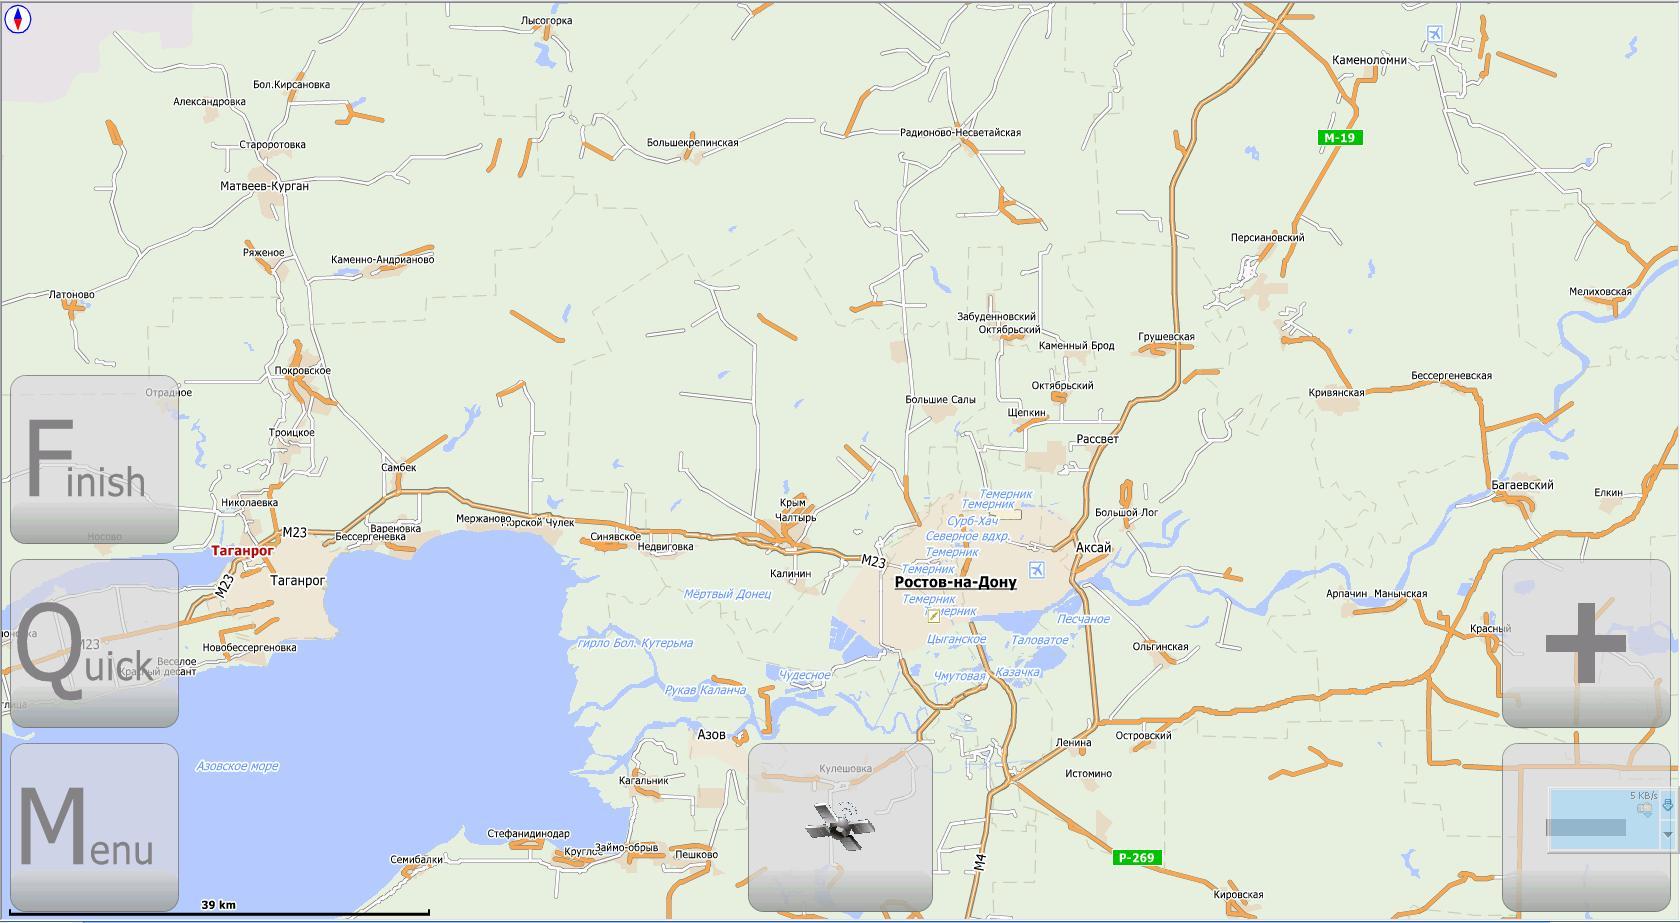 Продается участок на берегу реки в родионовке, родионо-несветайский район ростовской области